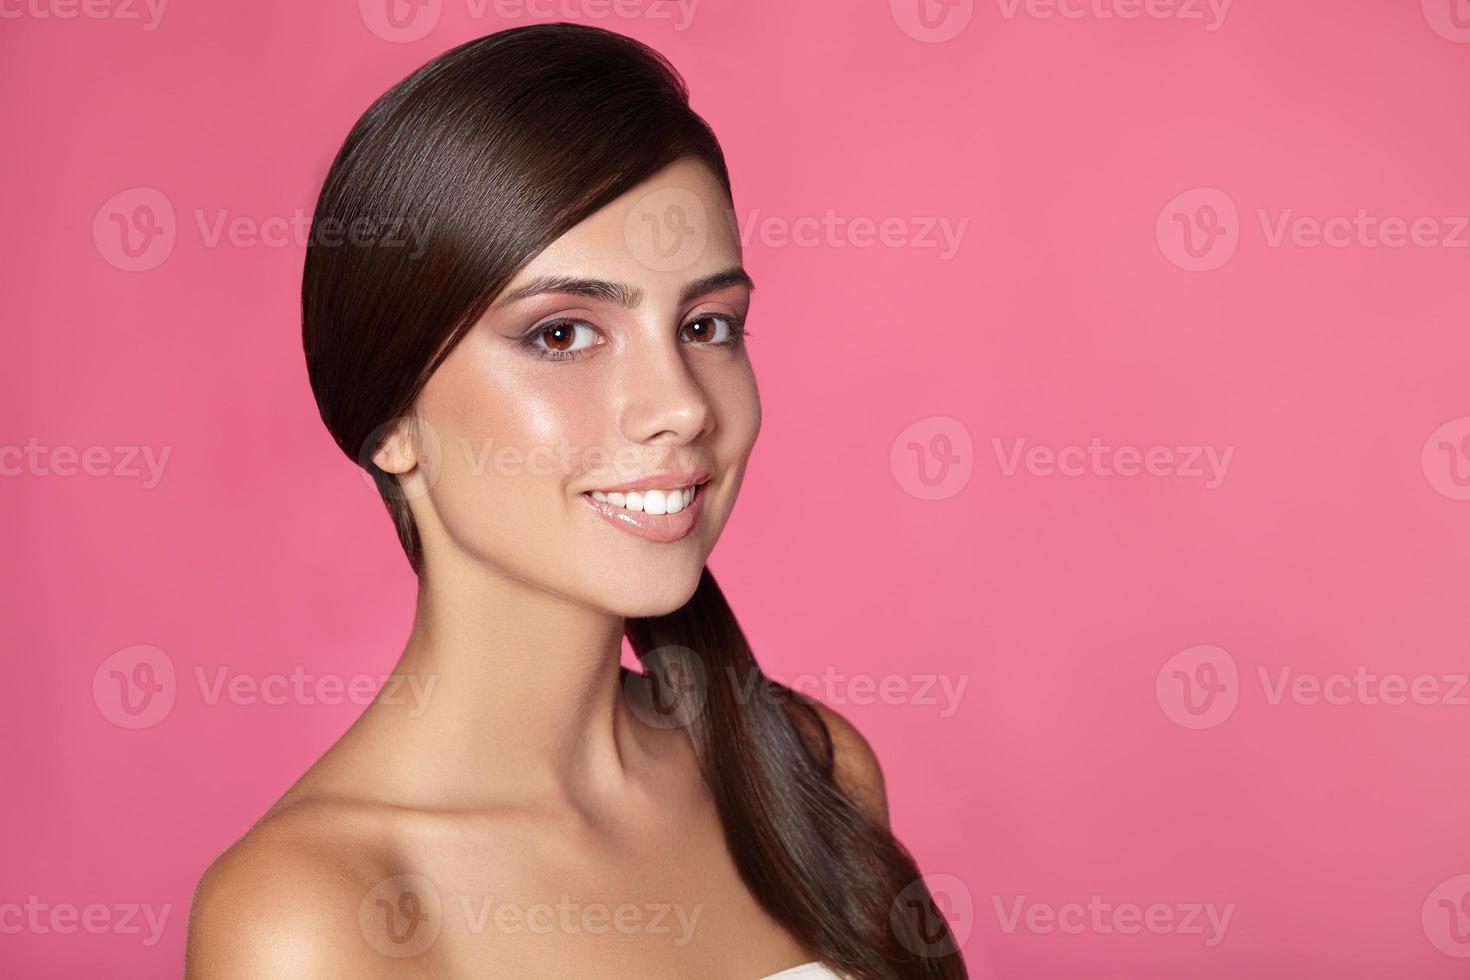 nauwe portret van mooie vrouw met lichte make-up foto